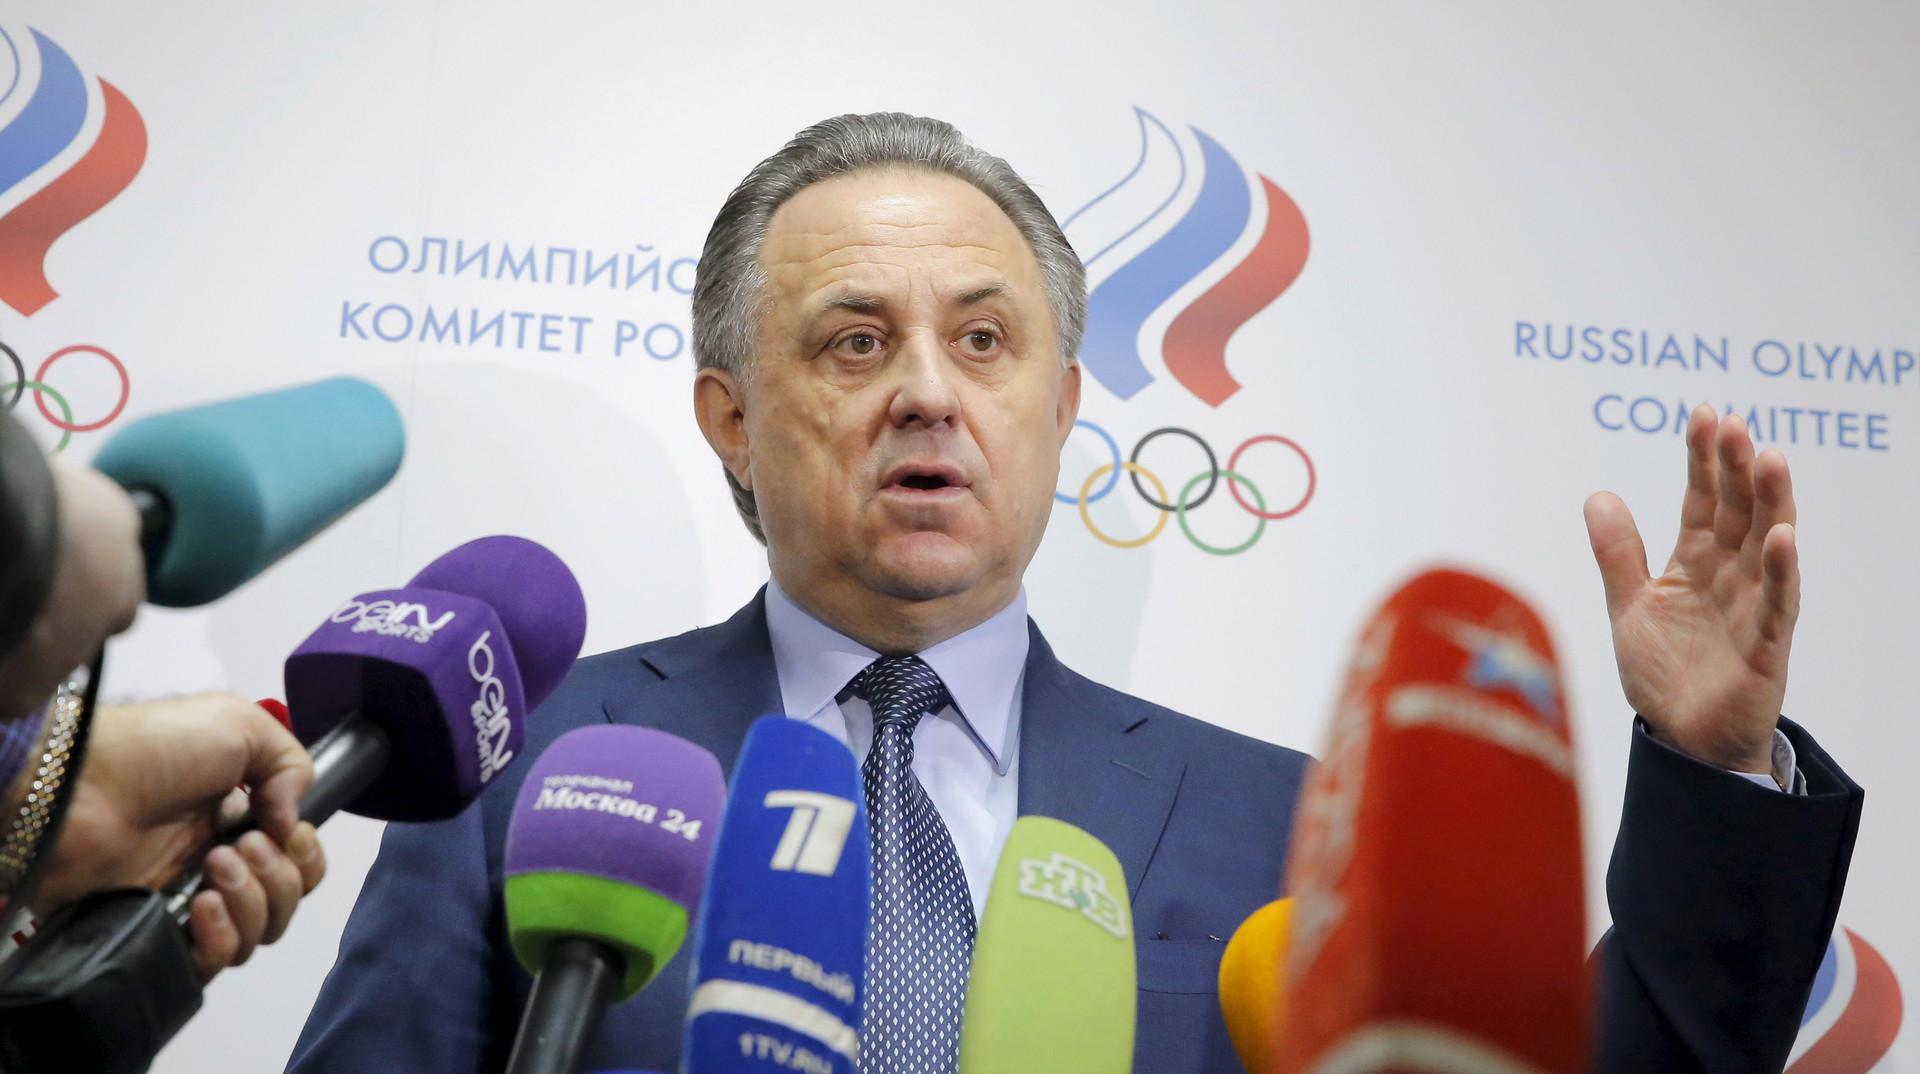 Мутко: Судя по заявлению МОК, у российских атлетов нет шансов на участие в Играх в Рио